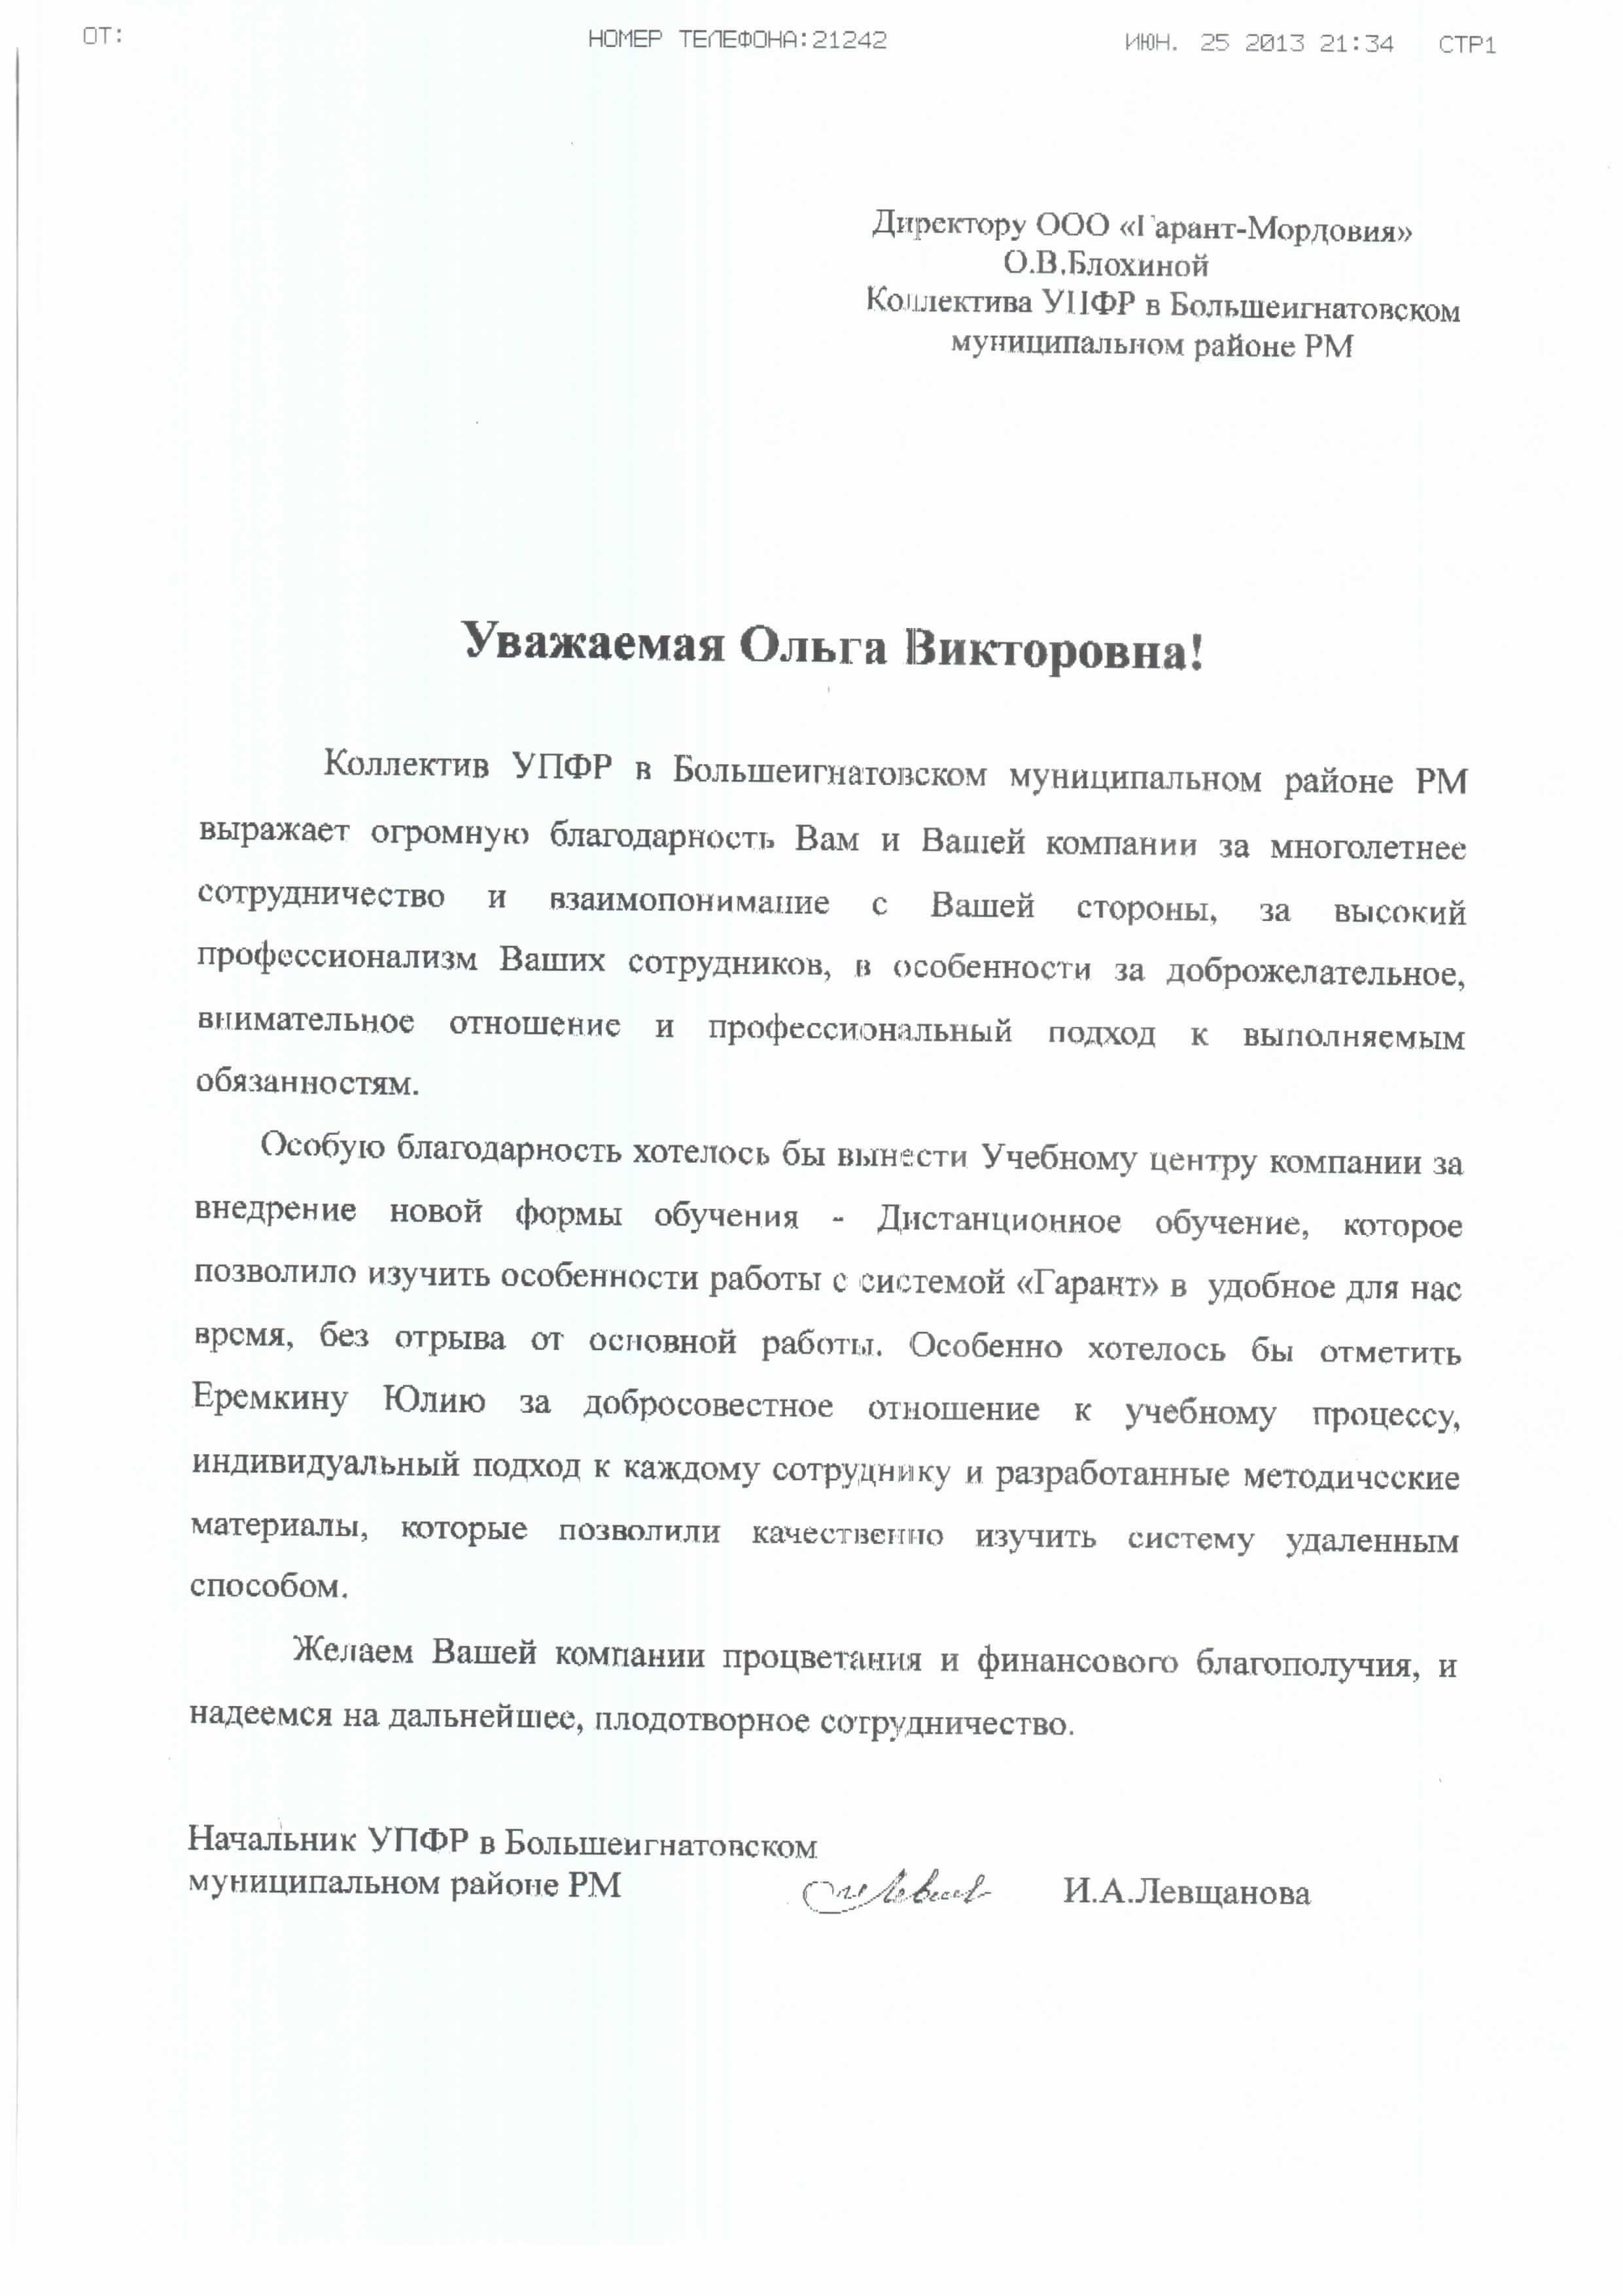 Упр.ПФ Б.Игнатово